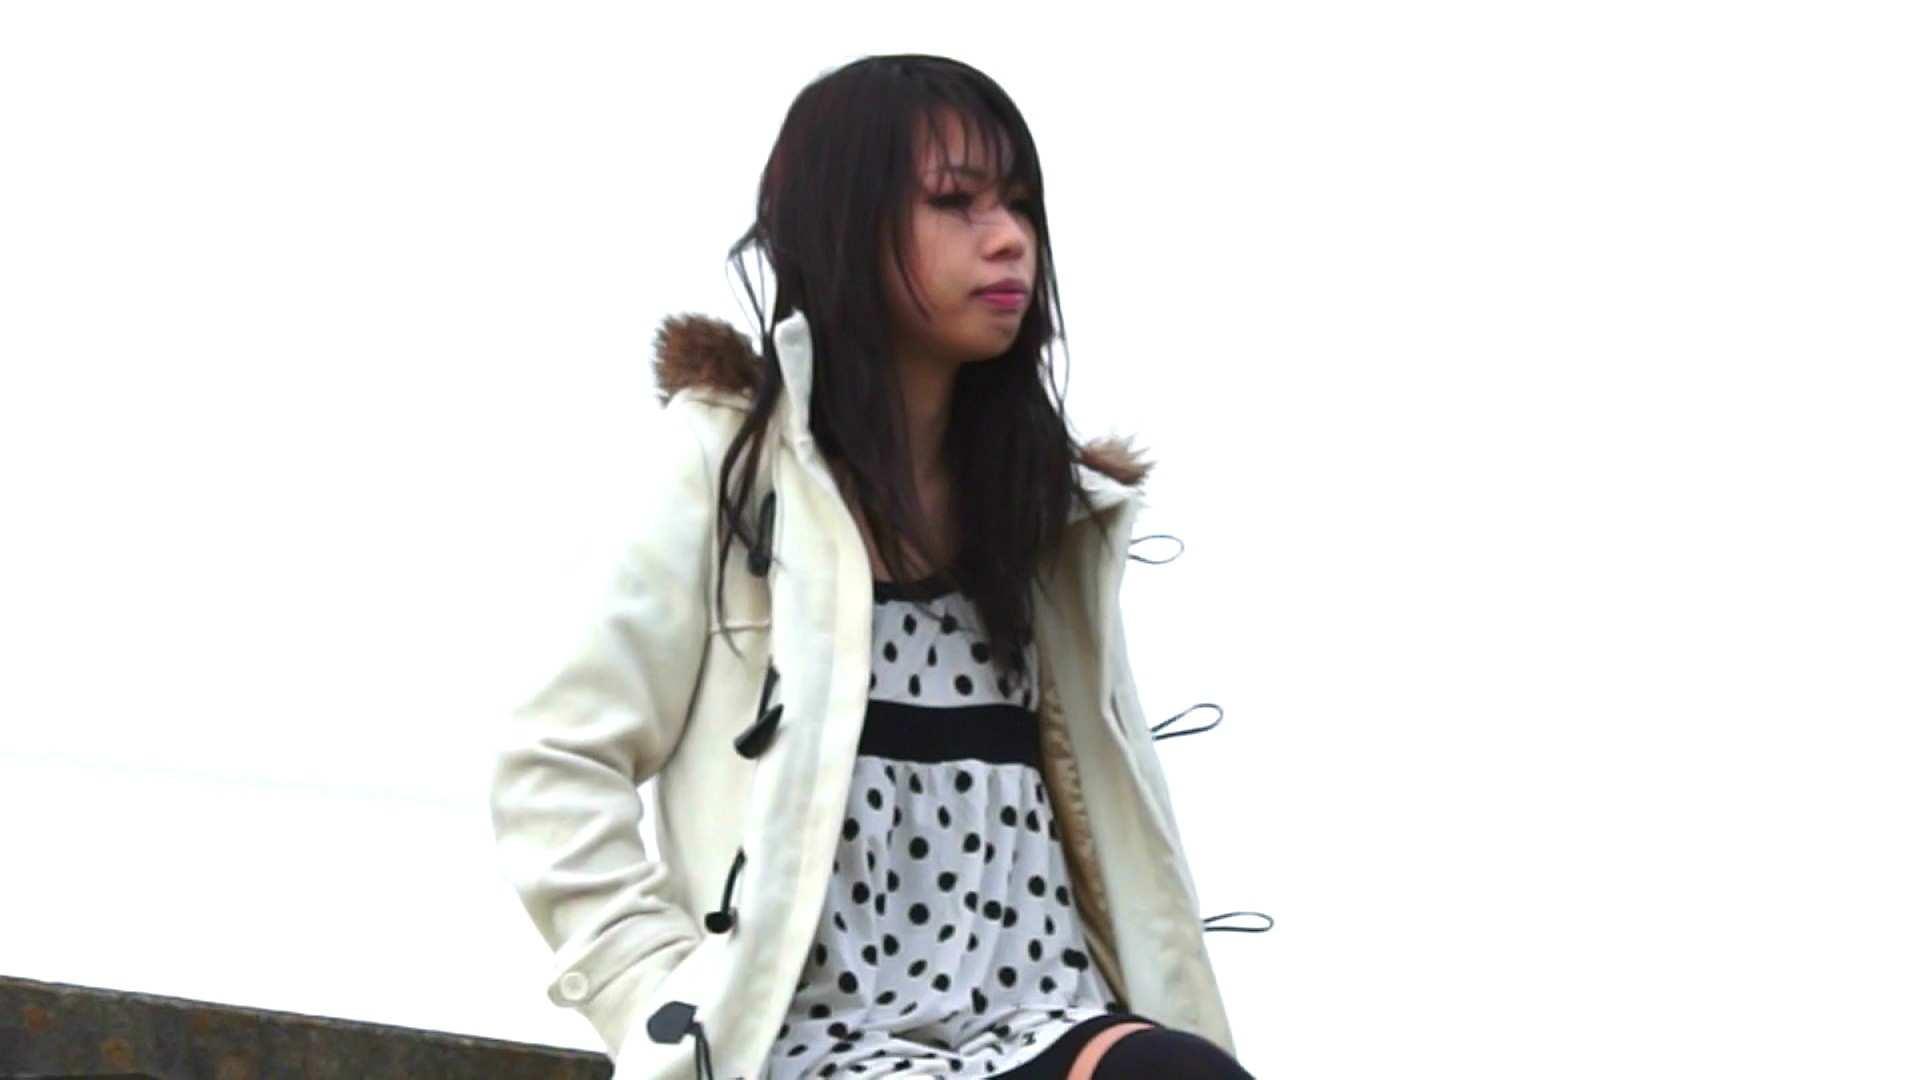 vol.2 自宅近く思い出の地で黄昏る志穂さん 高画質 AV無料 83画像 11